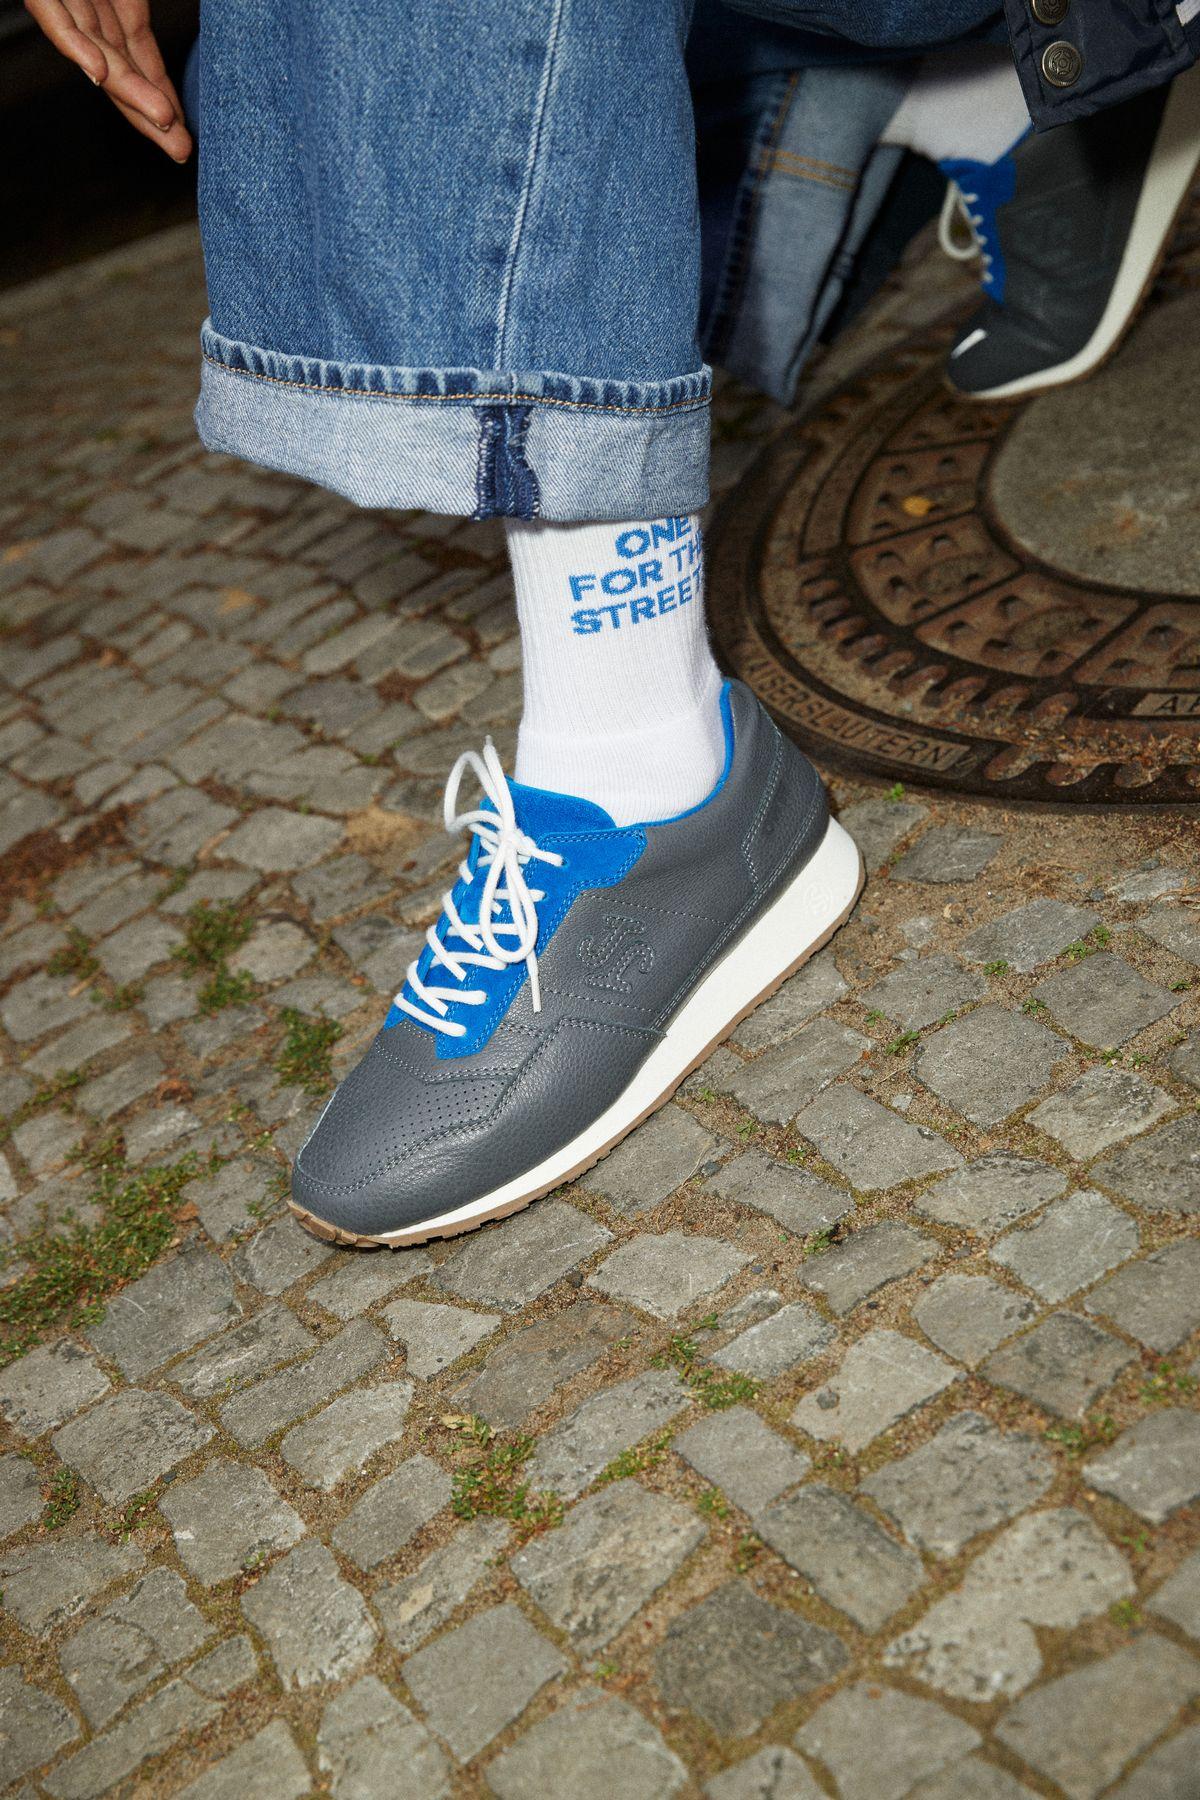 SONRA x ONE WARM WINTER - Proto II - Asphaltgrau / Nachthimmelblau on feet photo